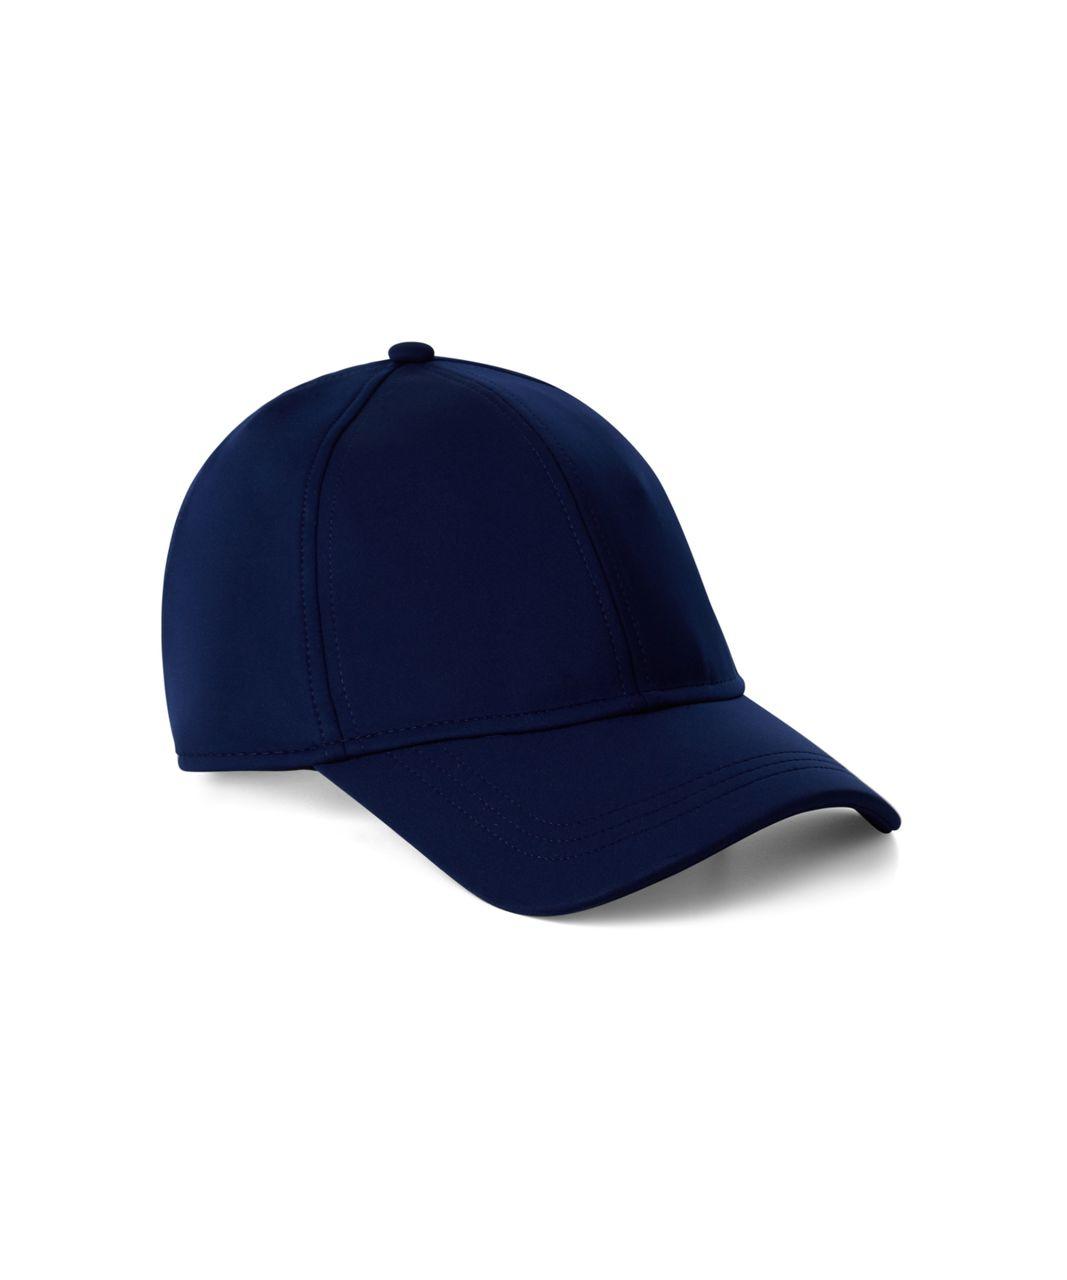 Lululemon Baller Hat - Hero Blue / Rio Mist White Black